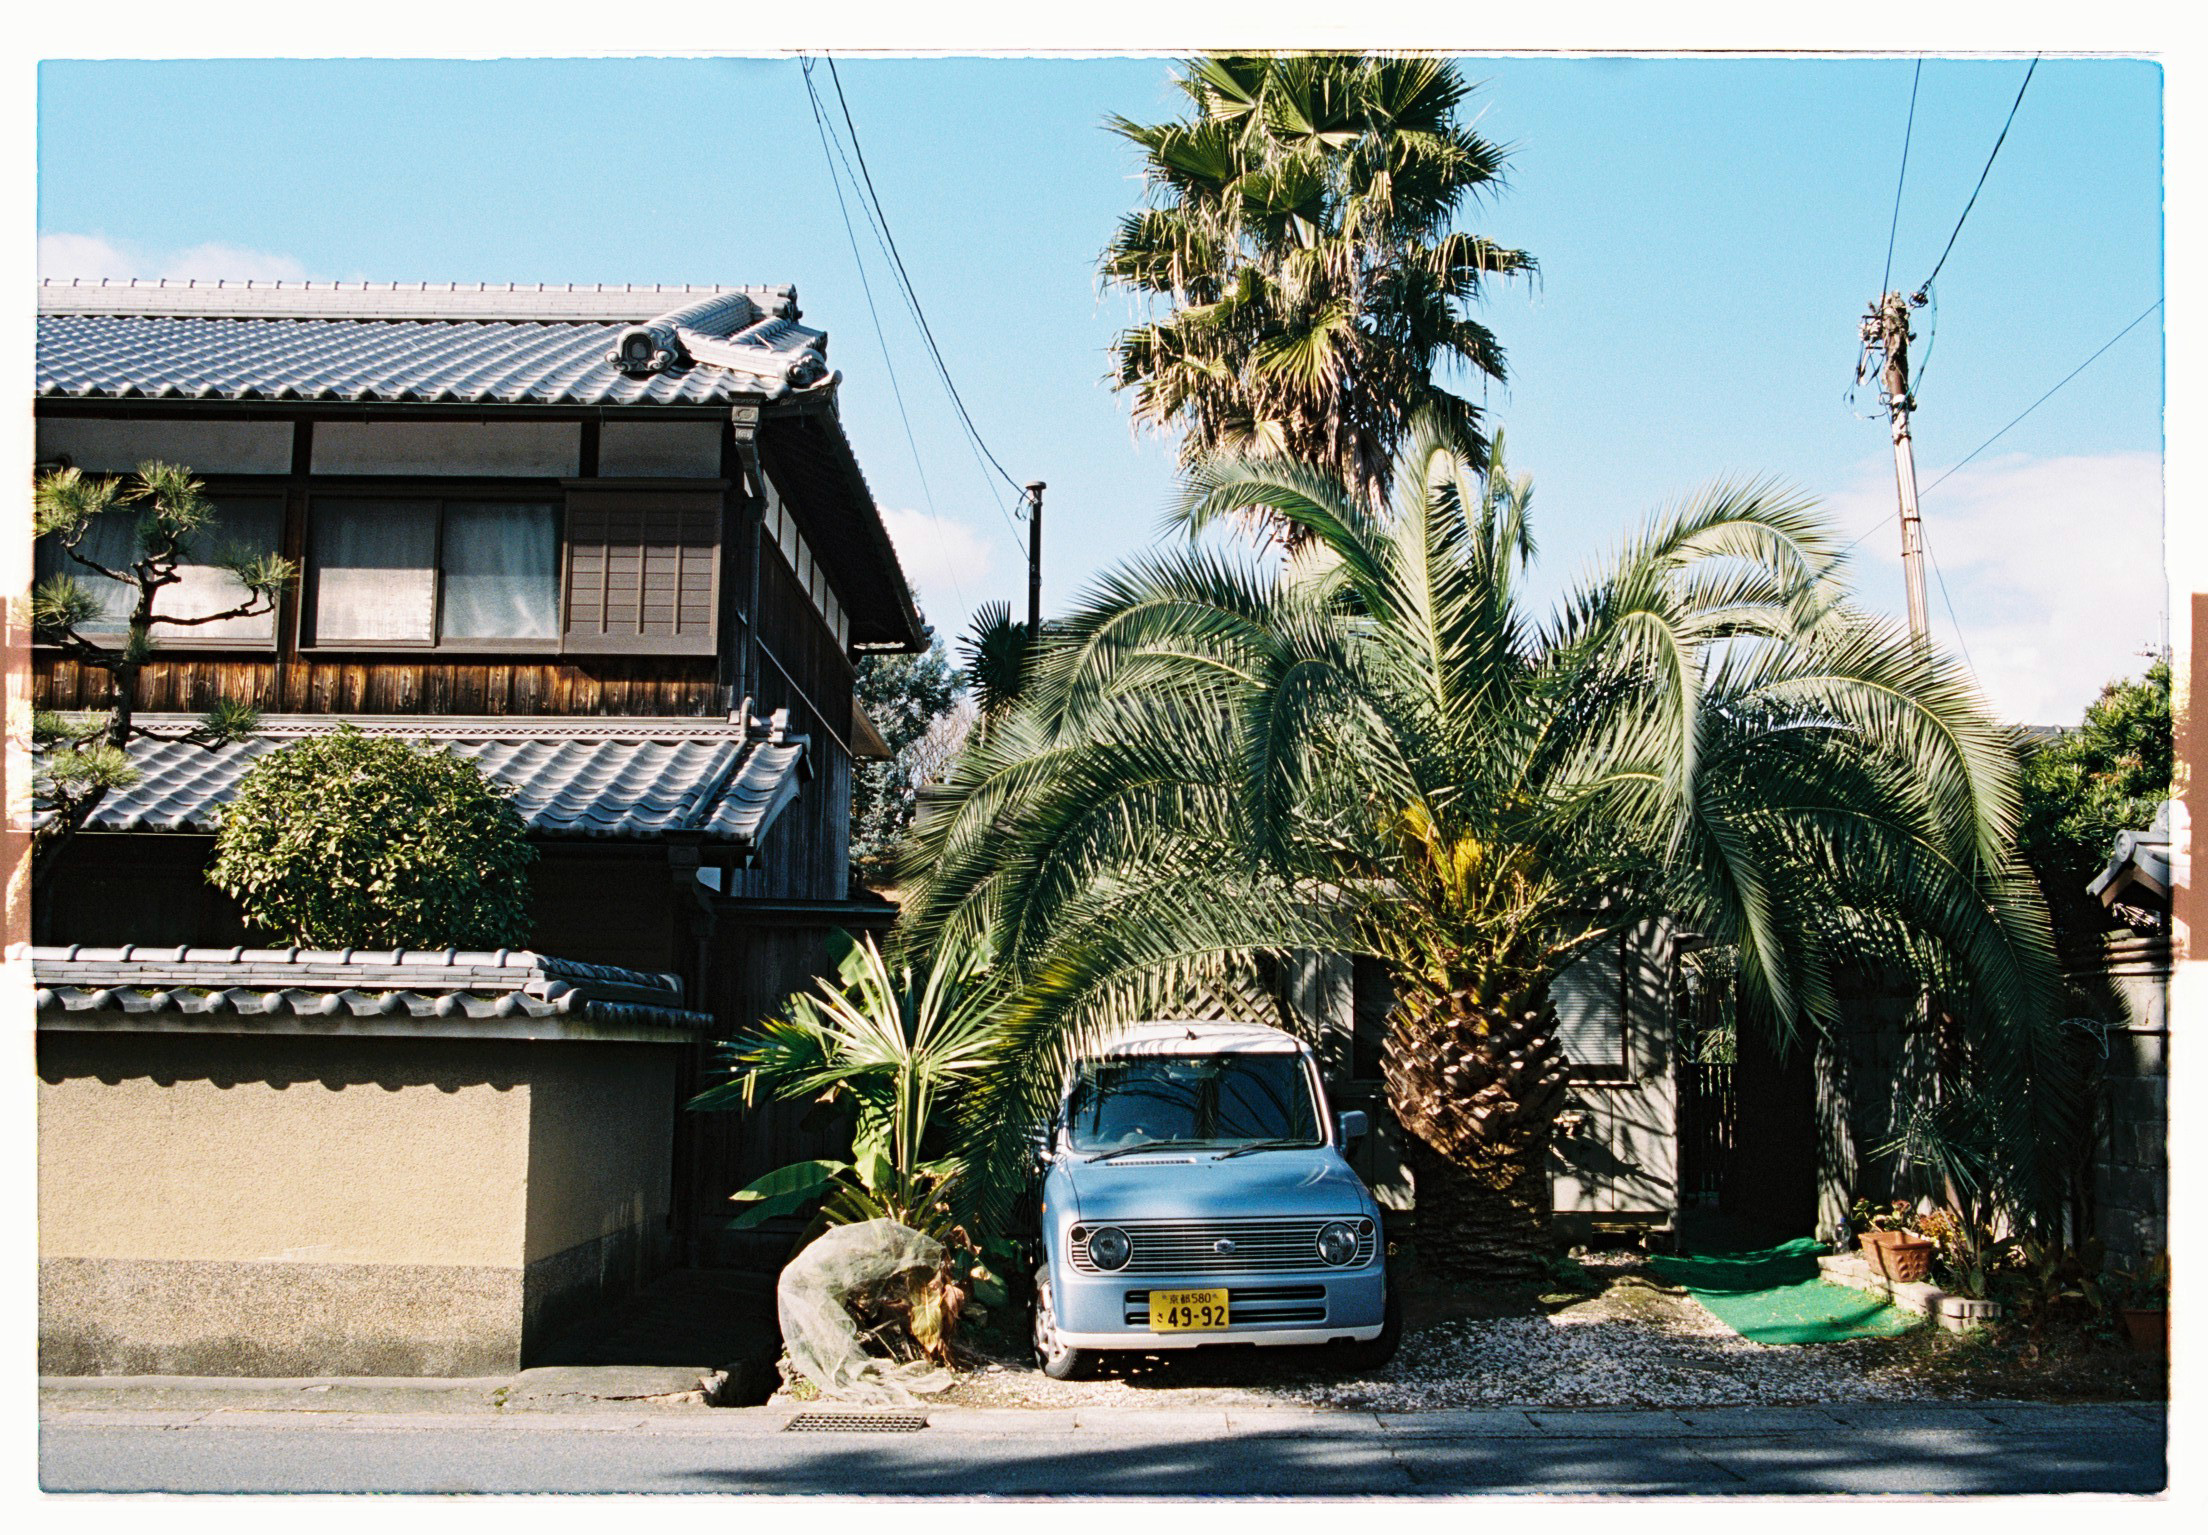 Japan-000037-6.jpg